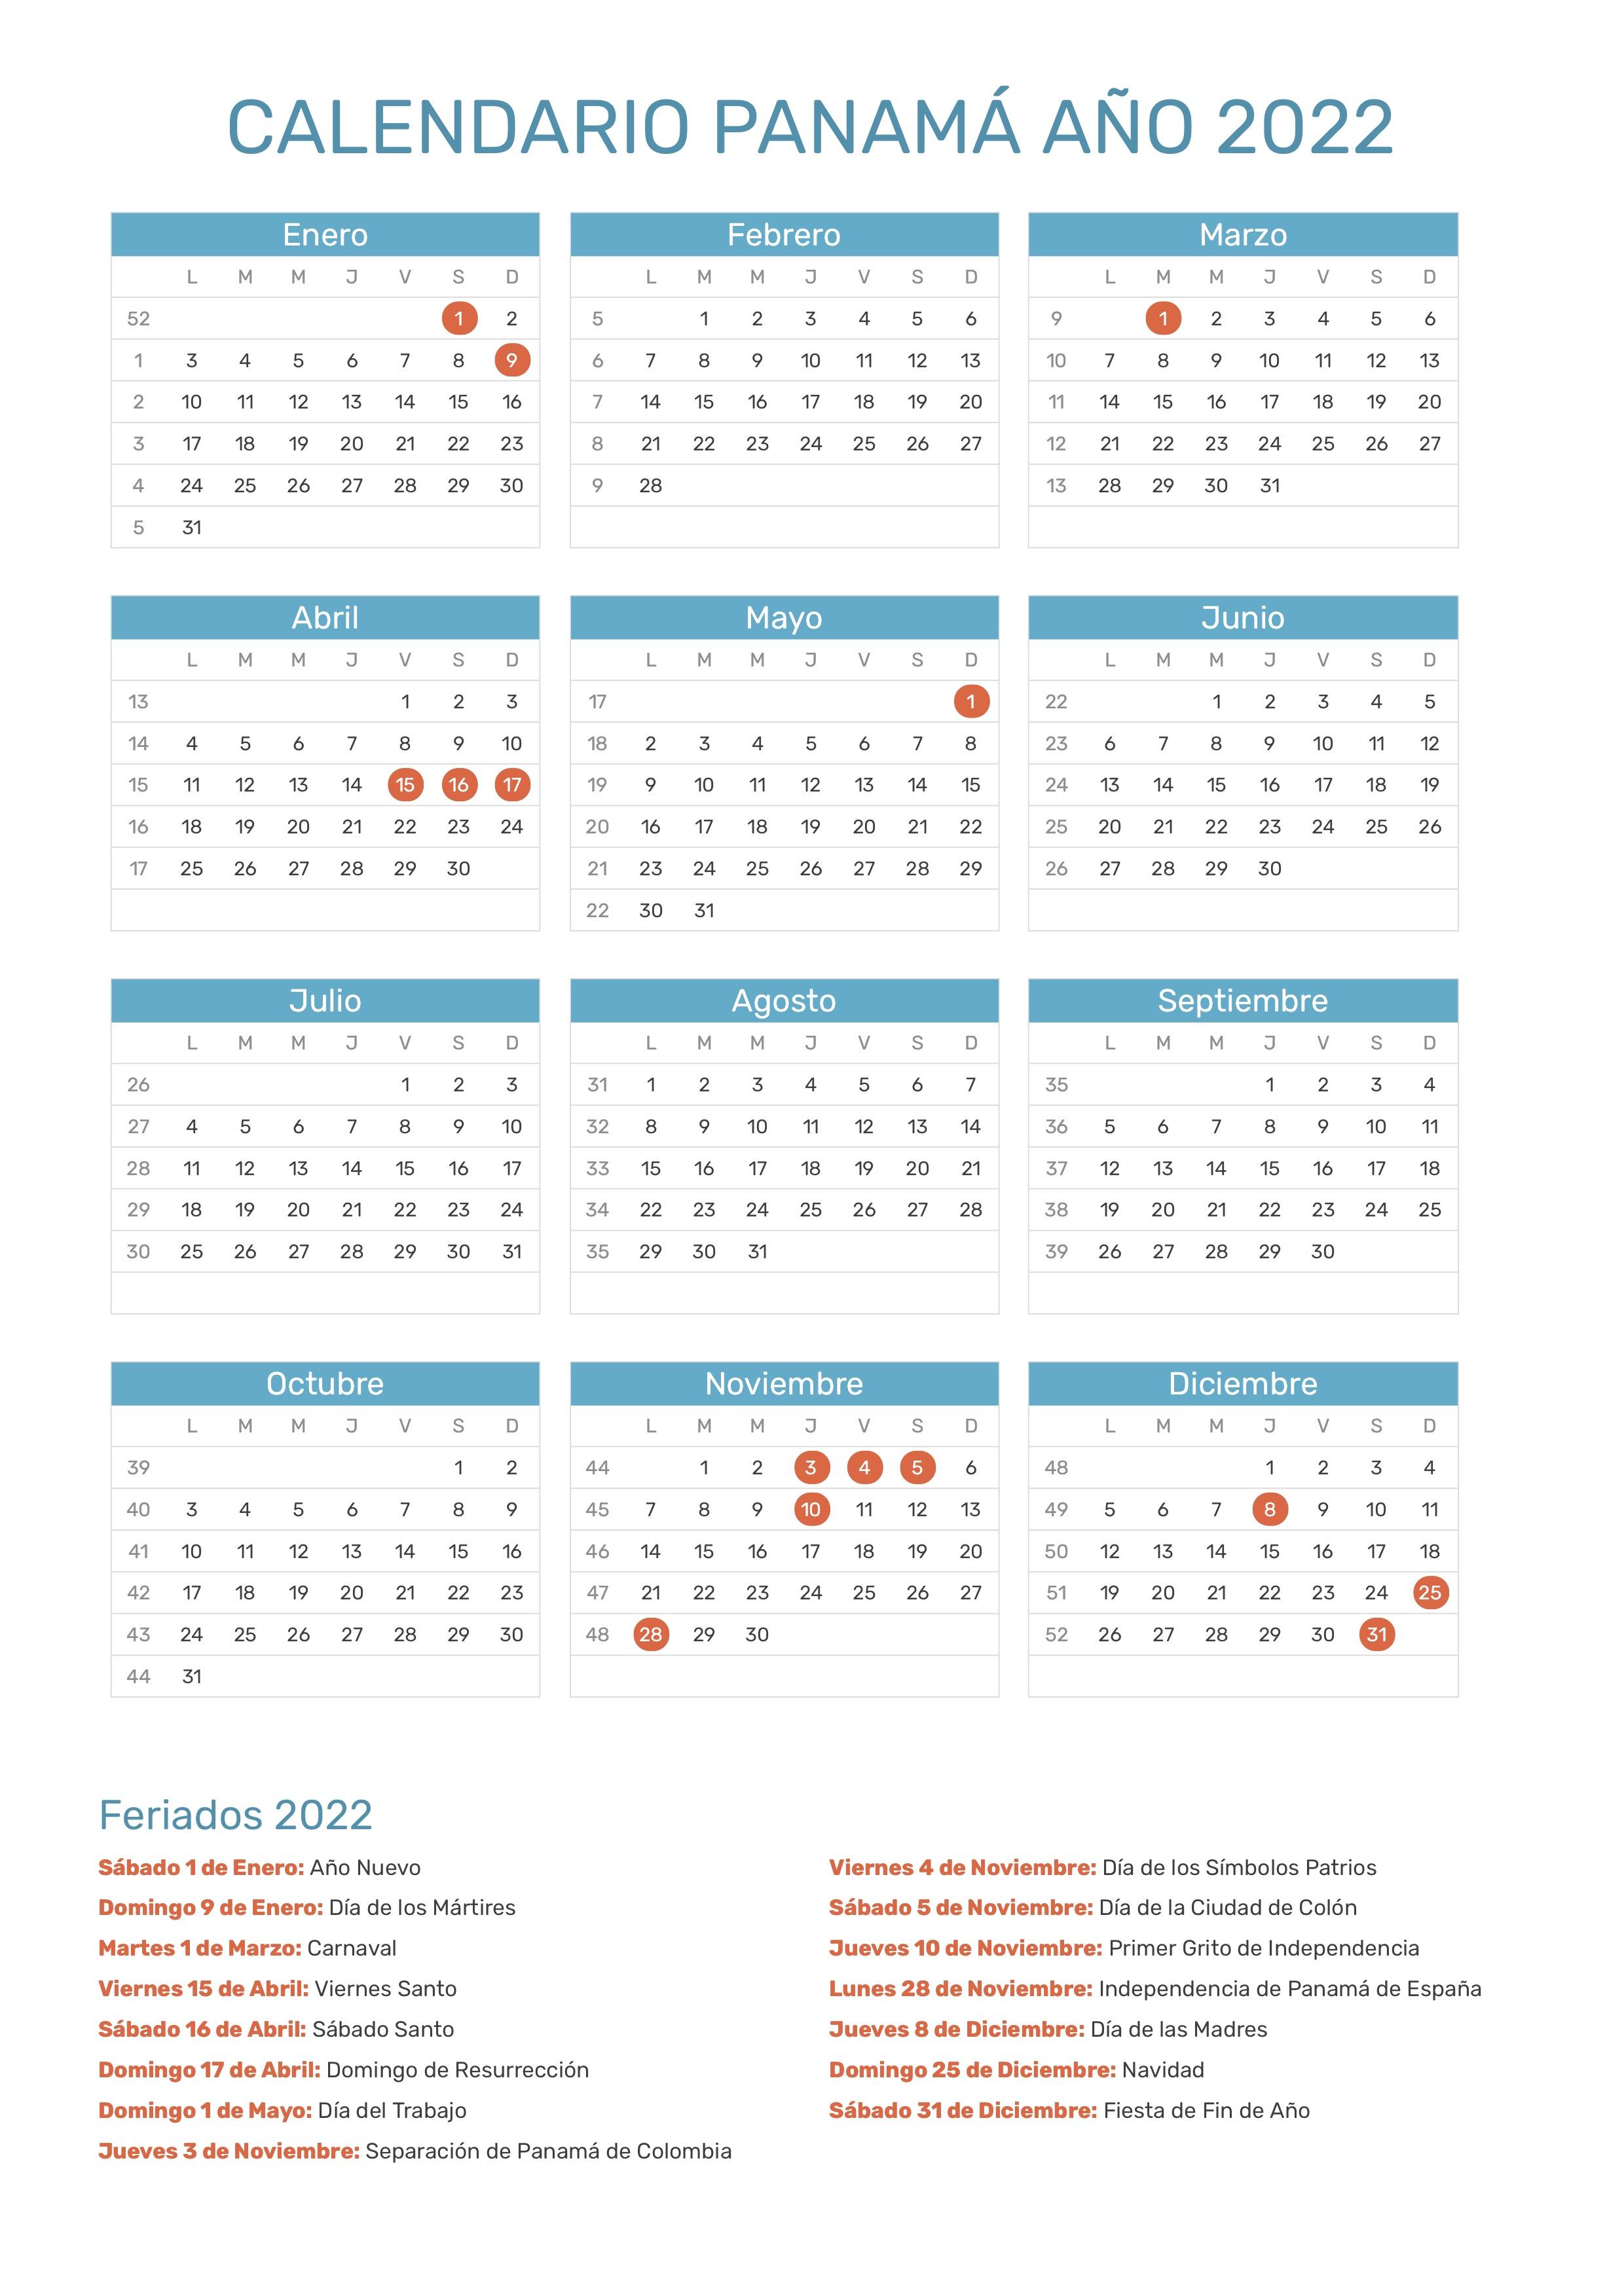 calendario de panam u00e1 a u00f1o 2022